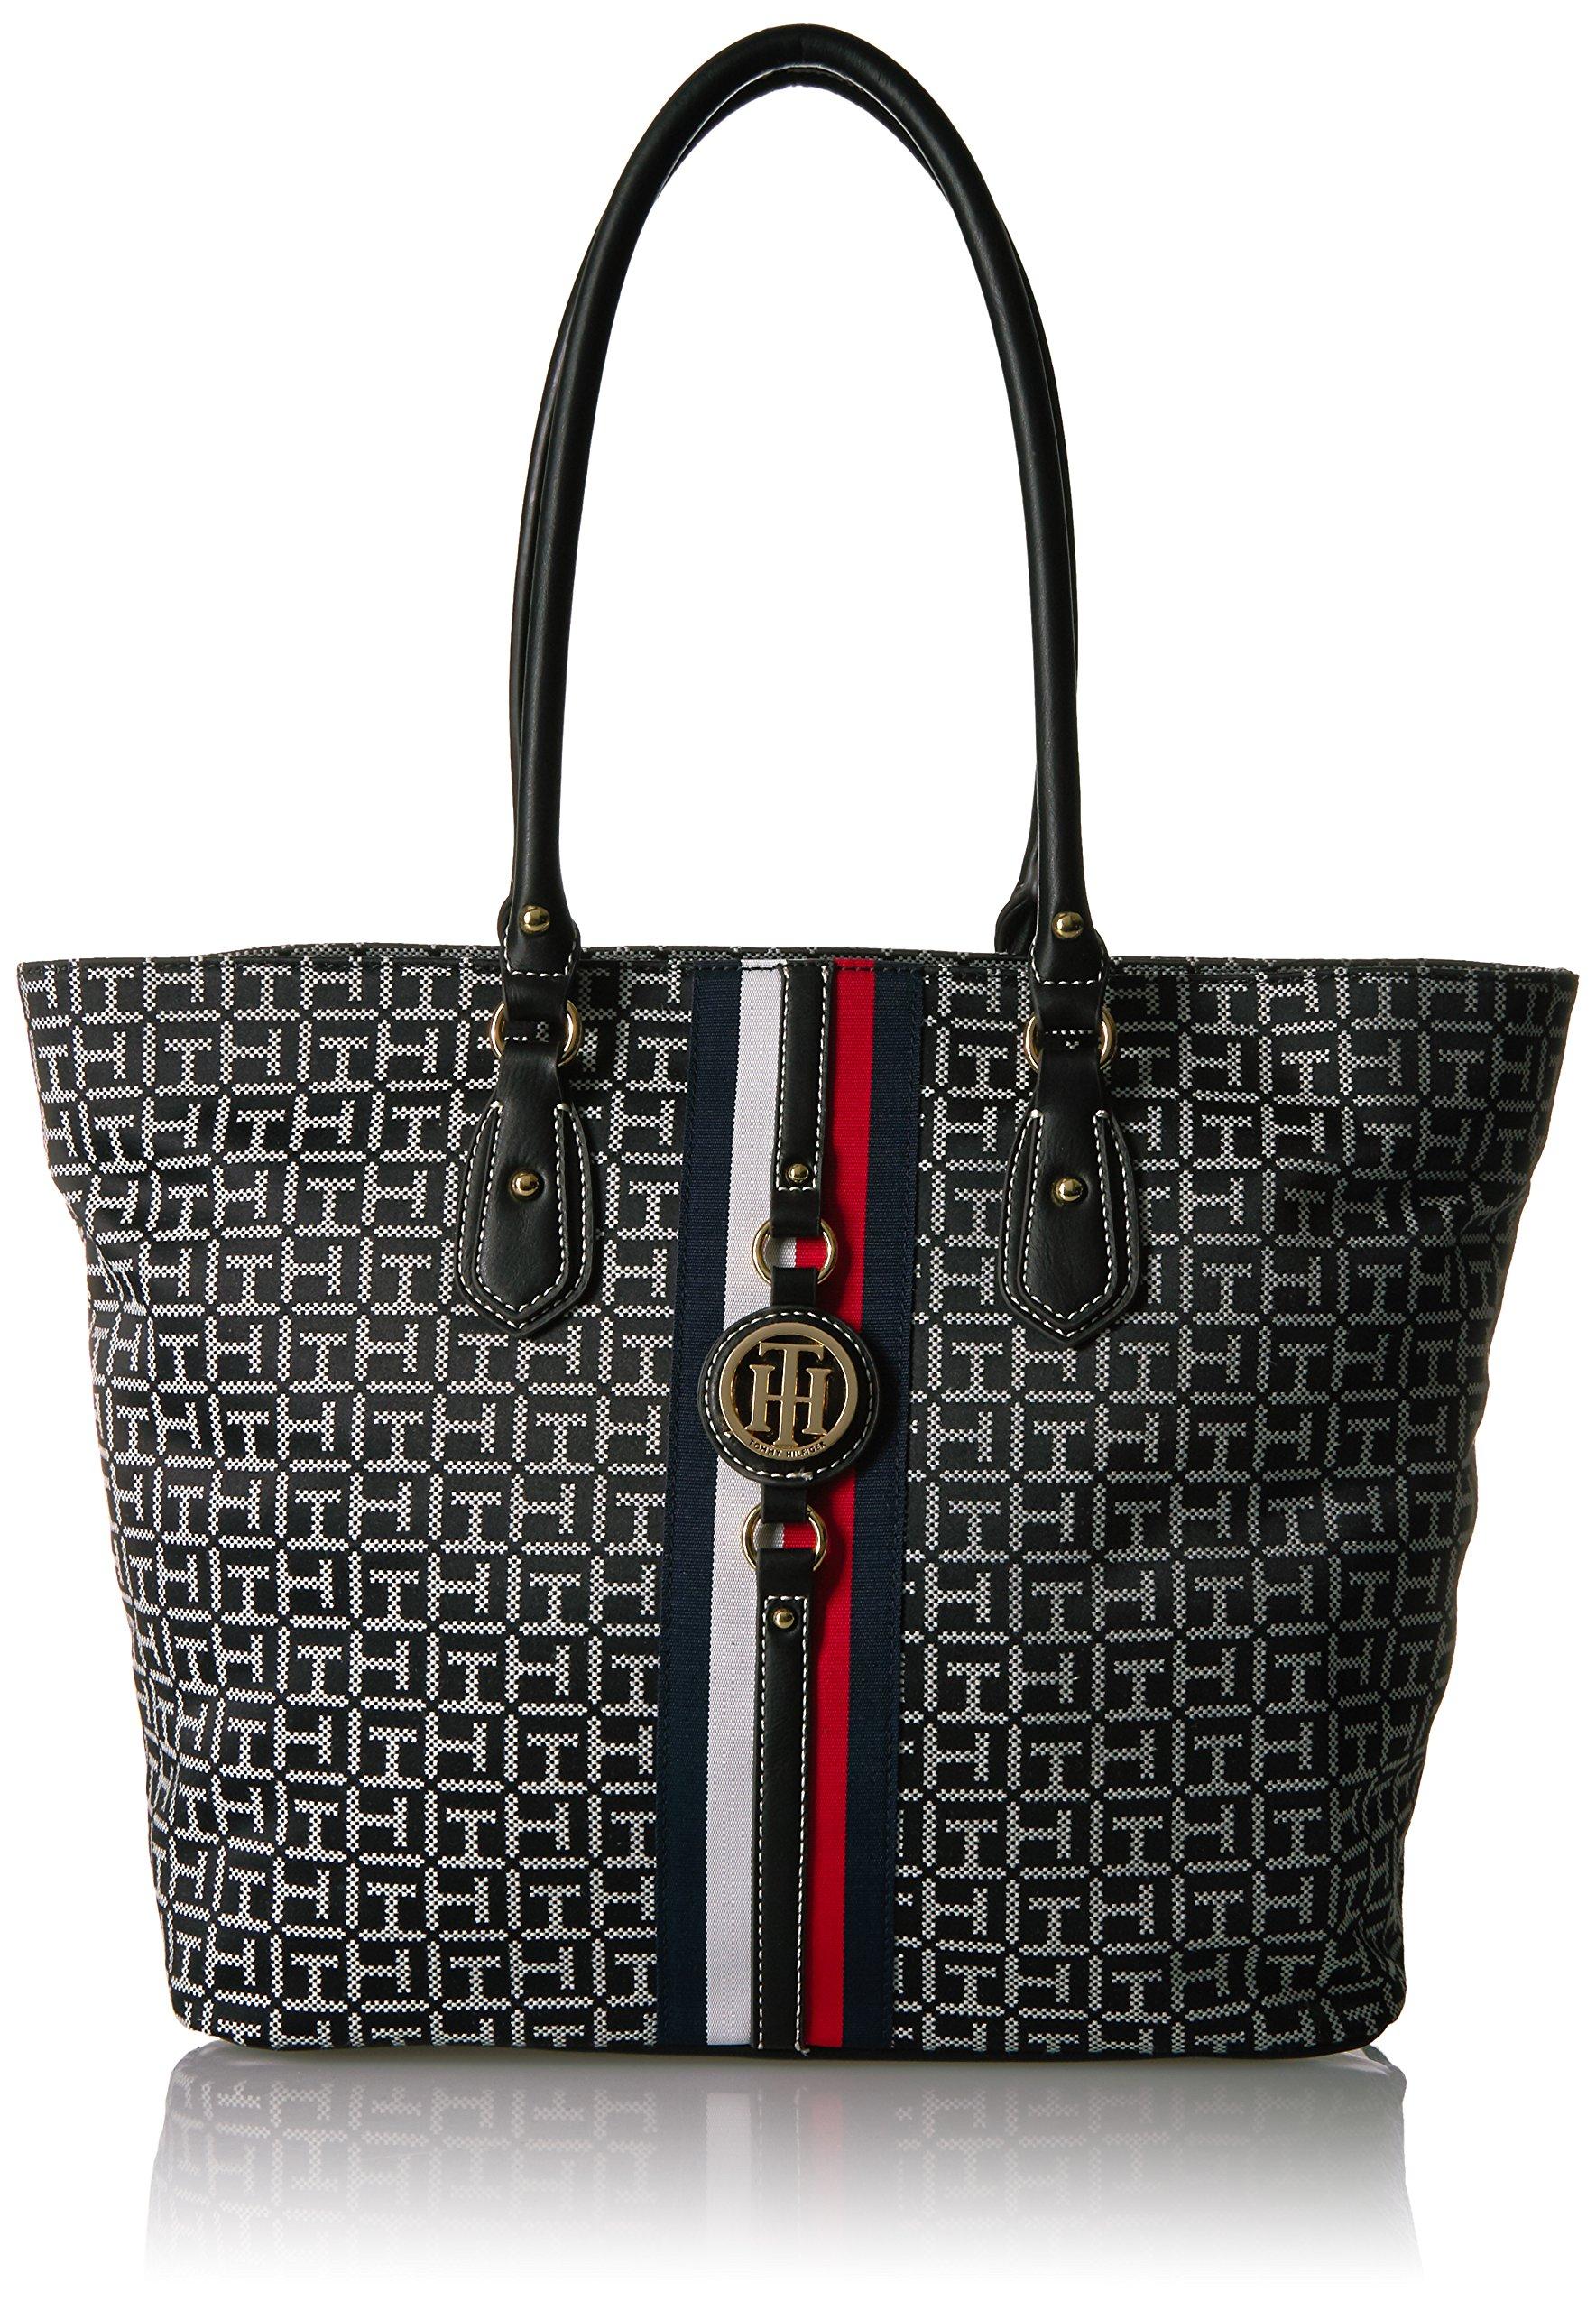 Tommy Hilfiger Tote Bag for Women Jaden, Black/White